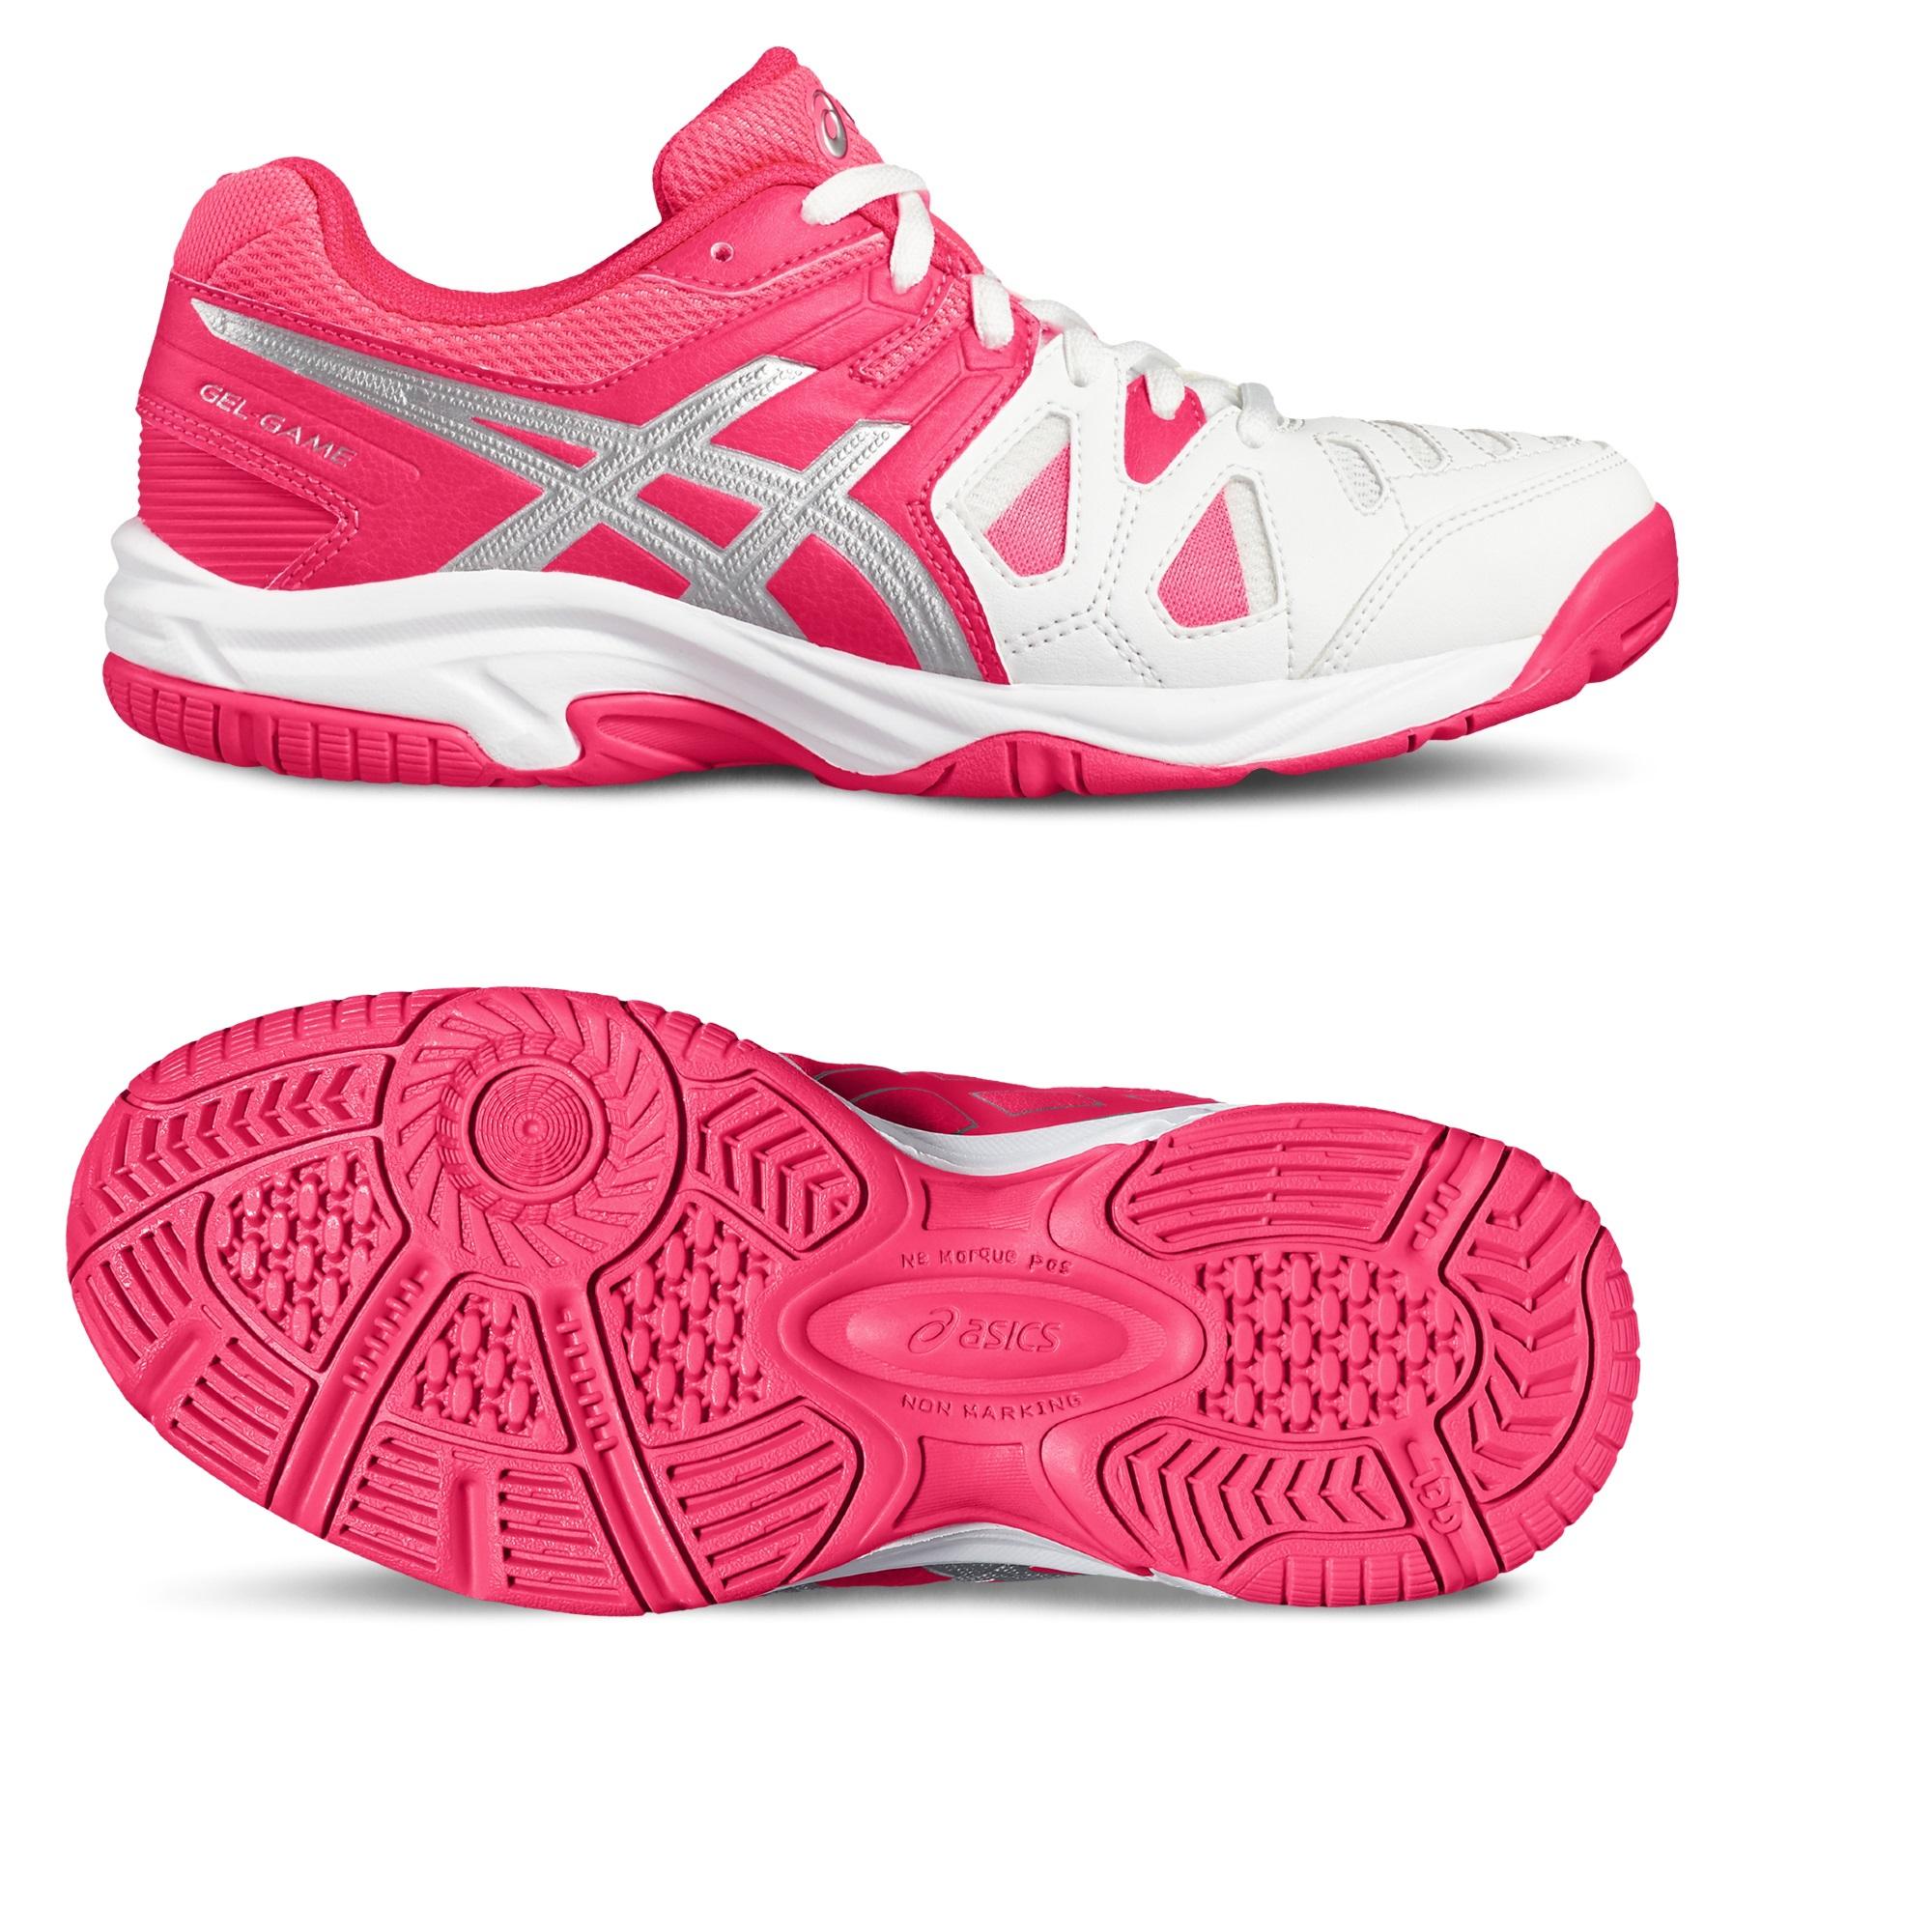 Asics GelGame 5 GS Girls Tennis Shoes  3 UK